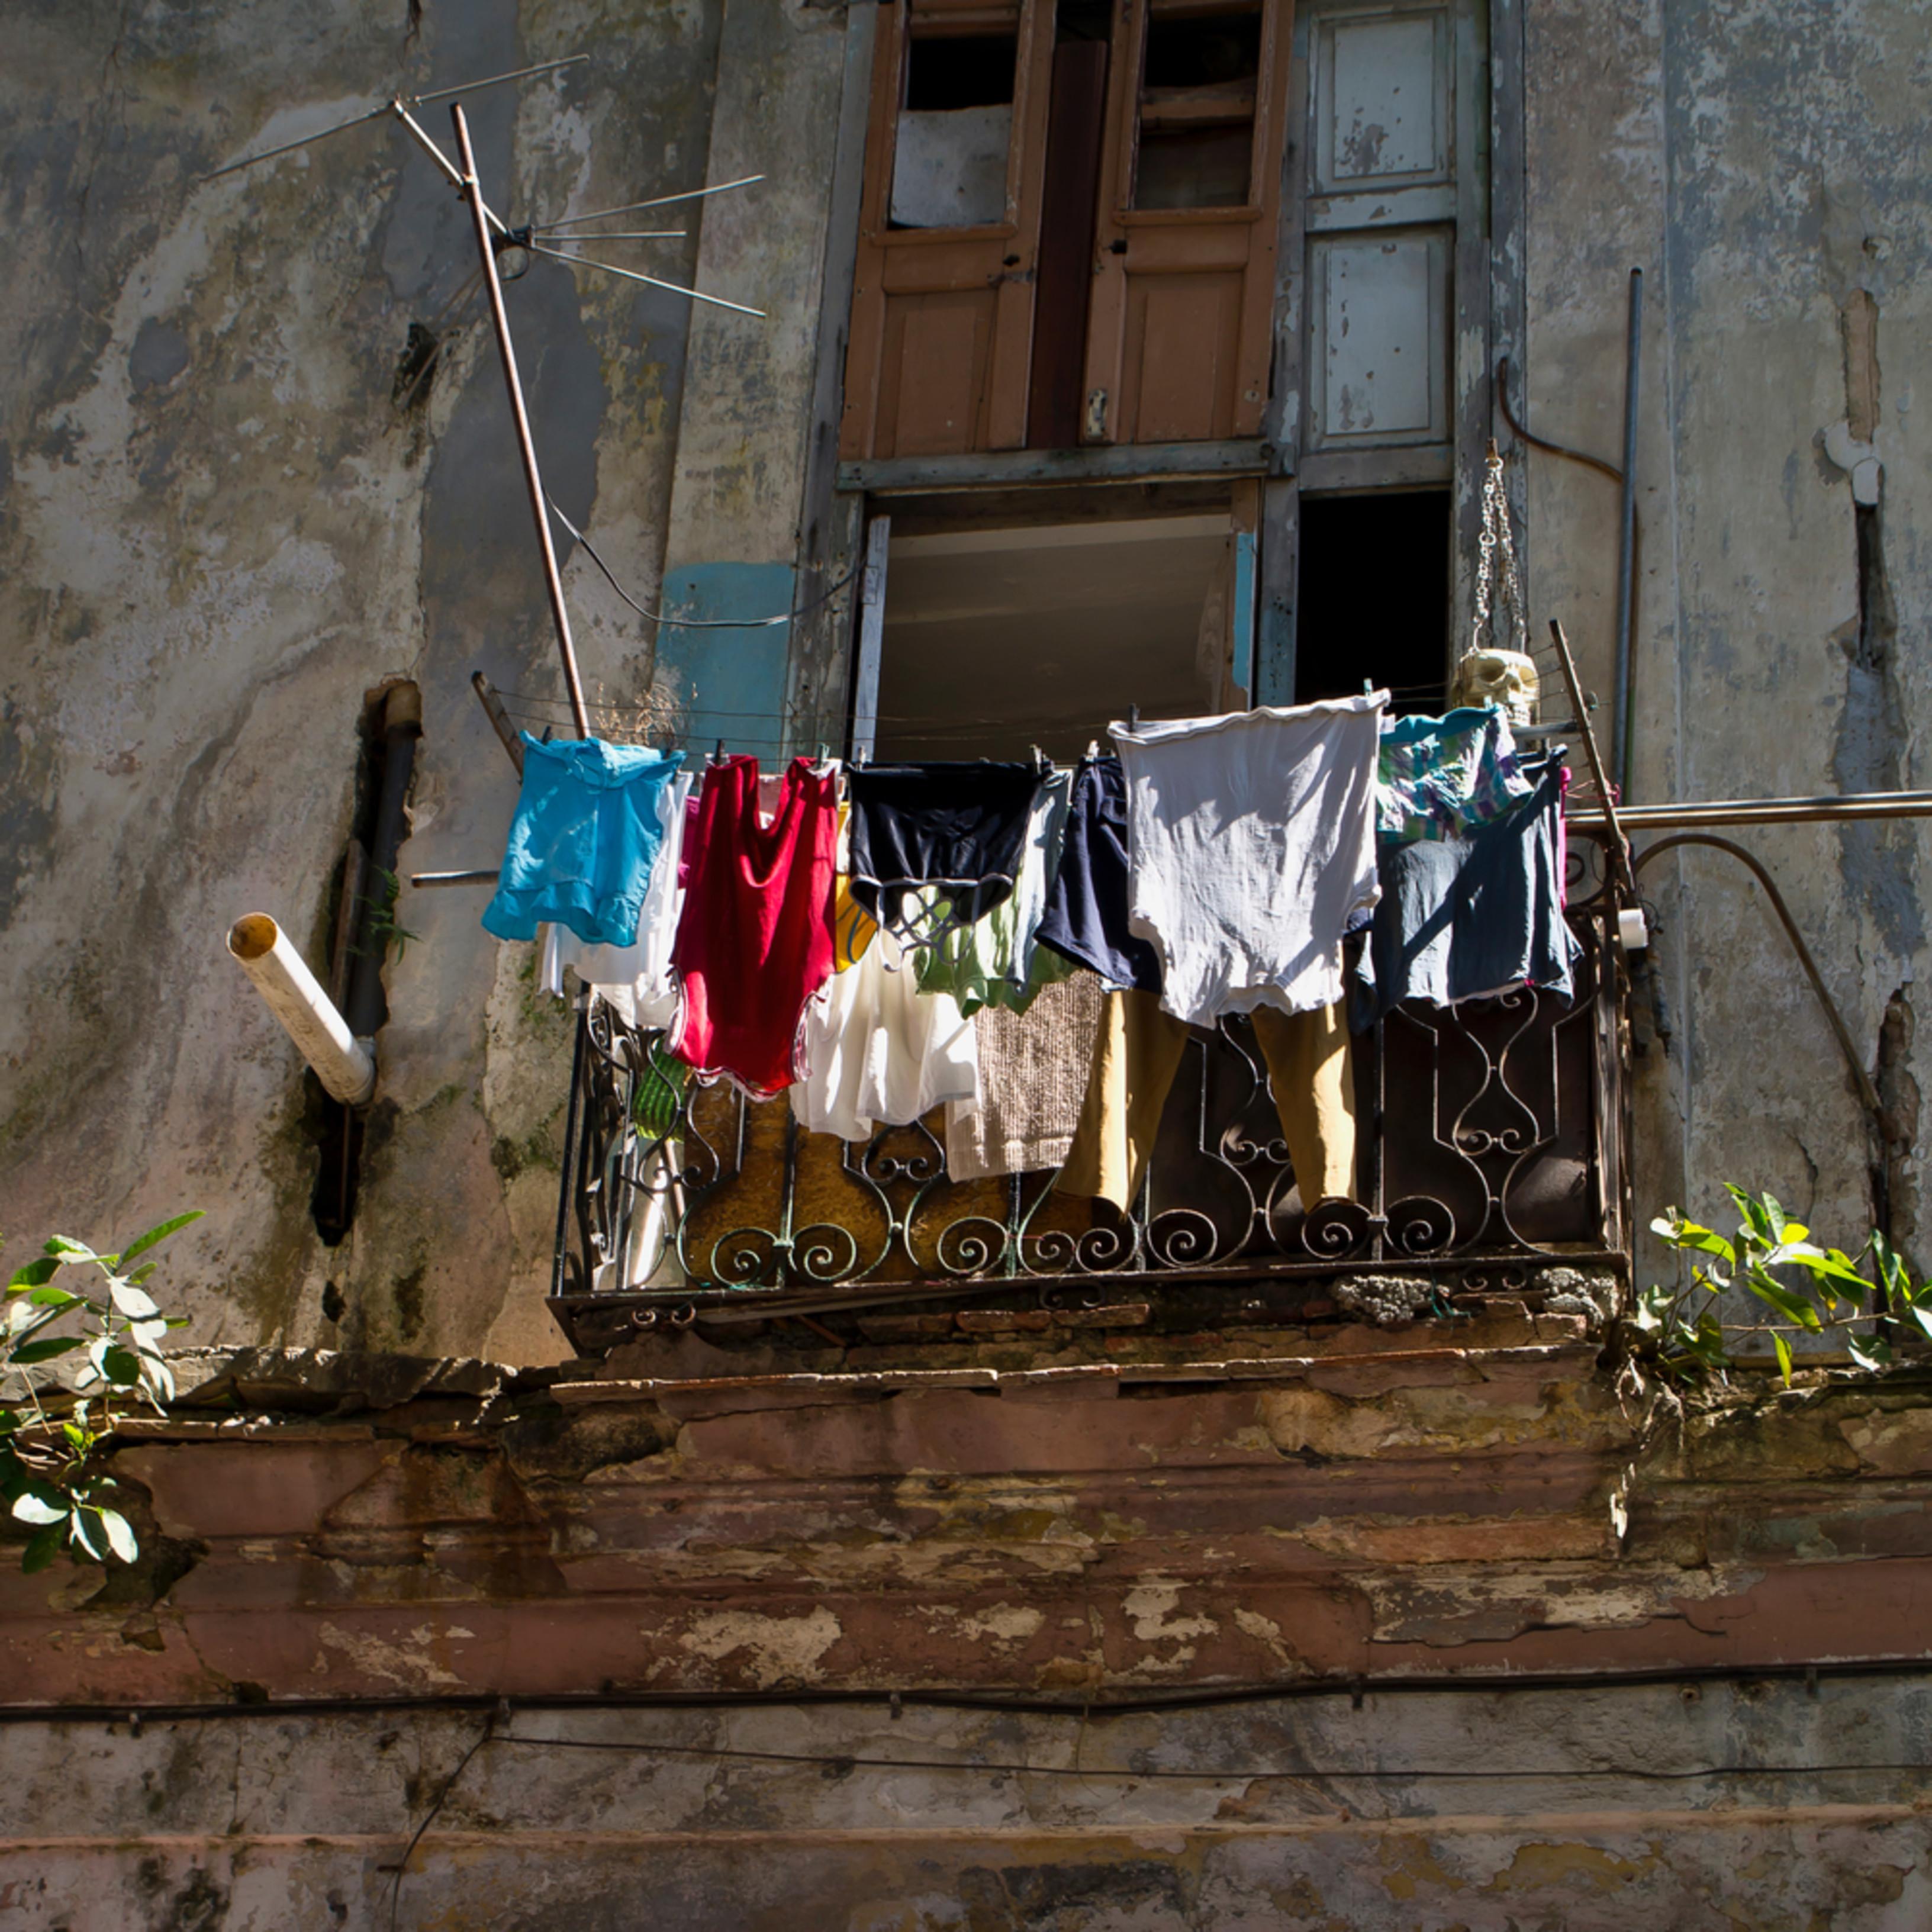 Wash day  havana happenstance tuzypc